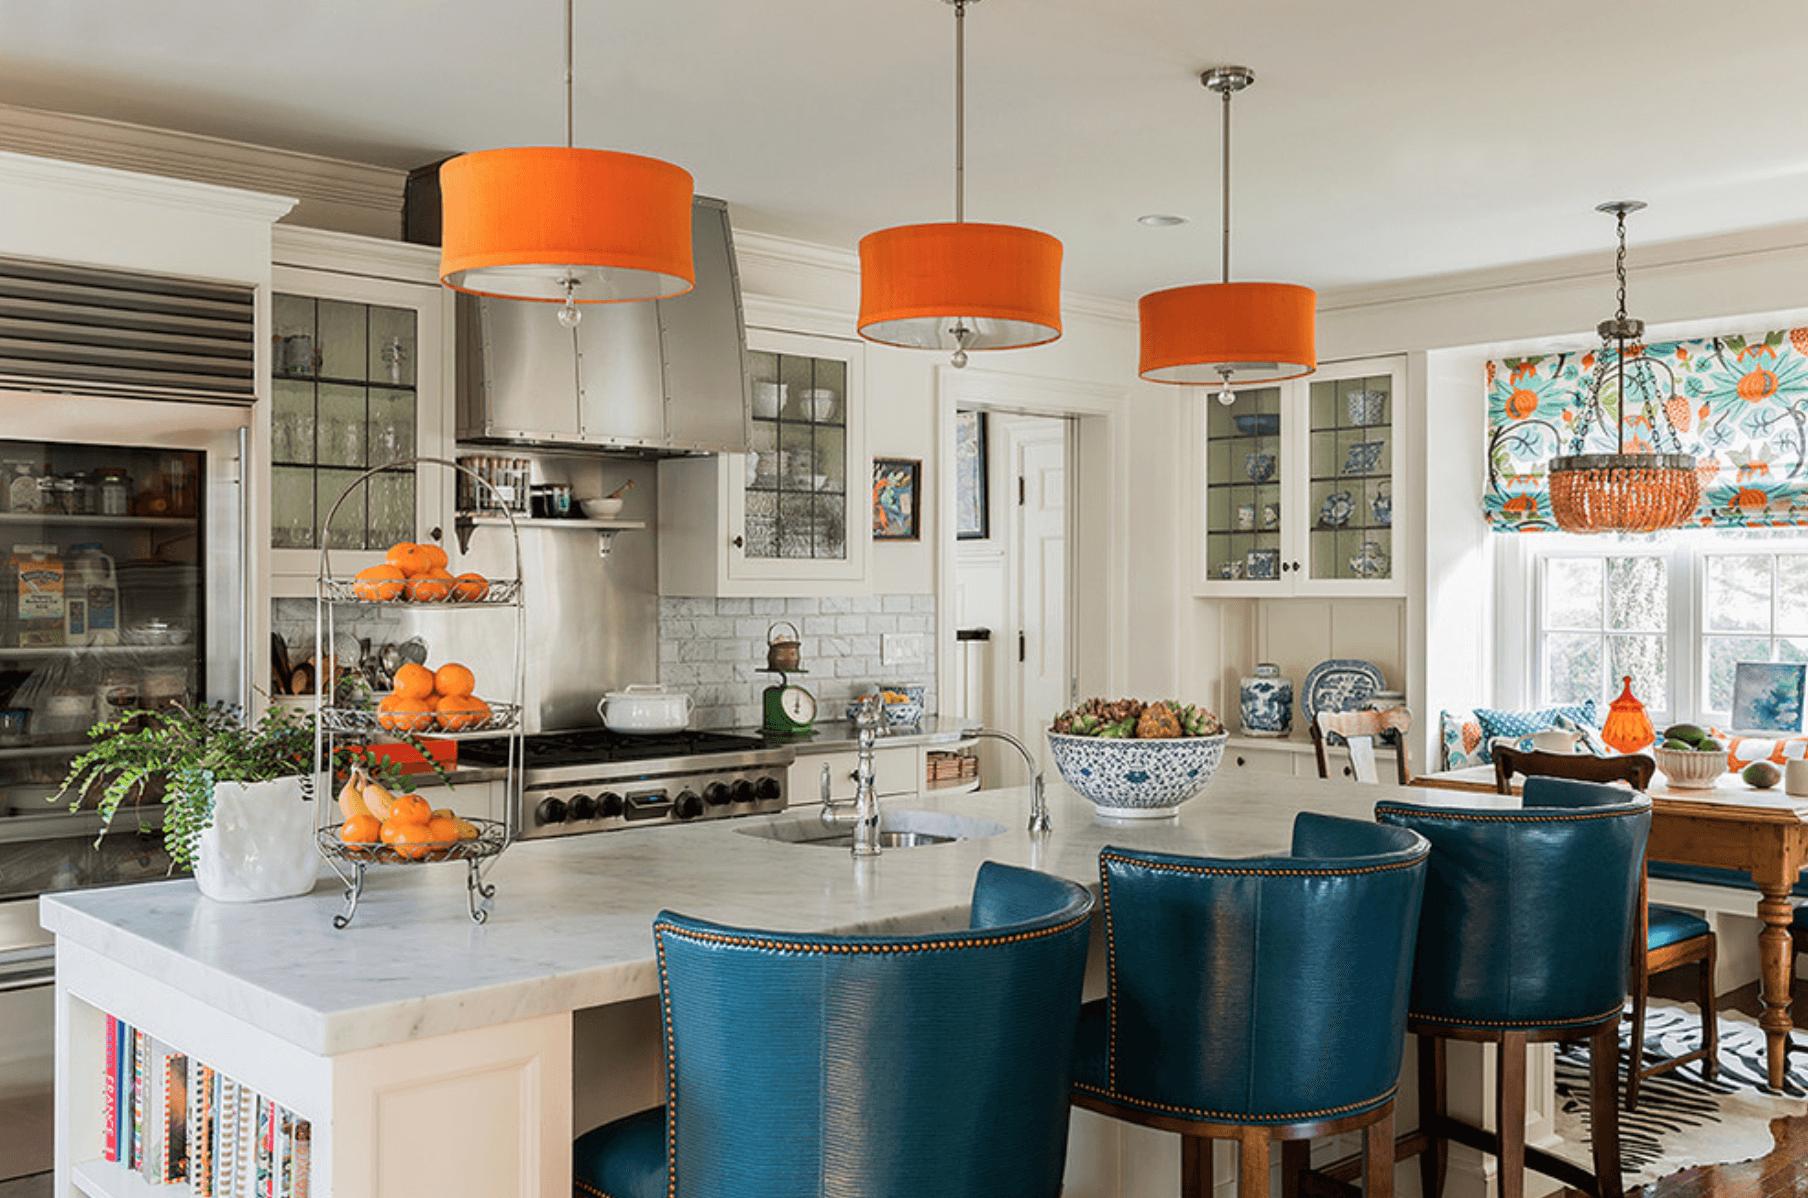 Дизайн кухни с сочетанием различных цветов. Фото 7